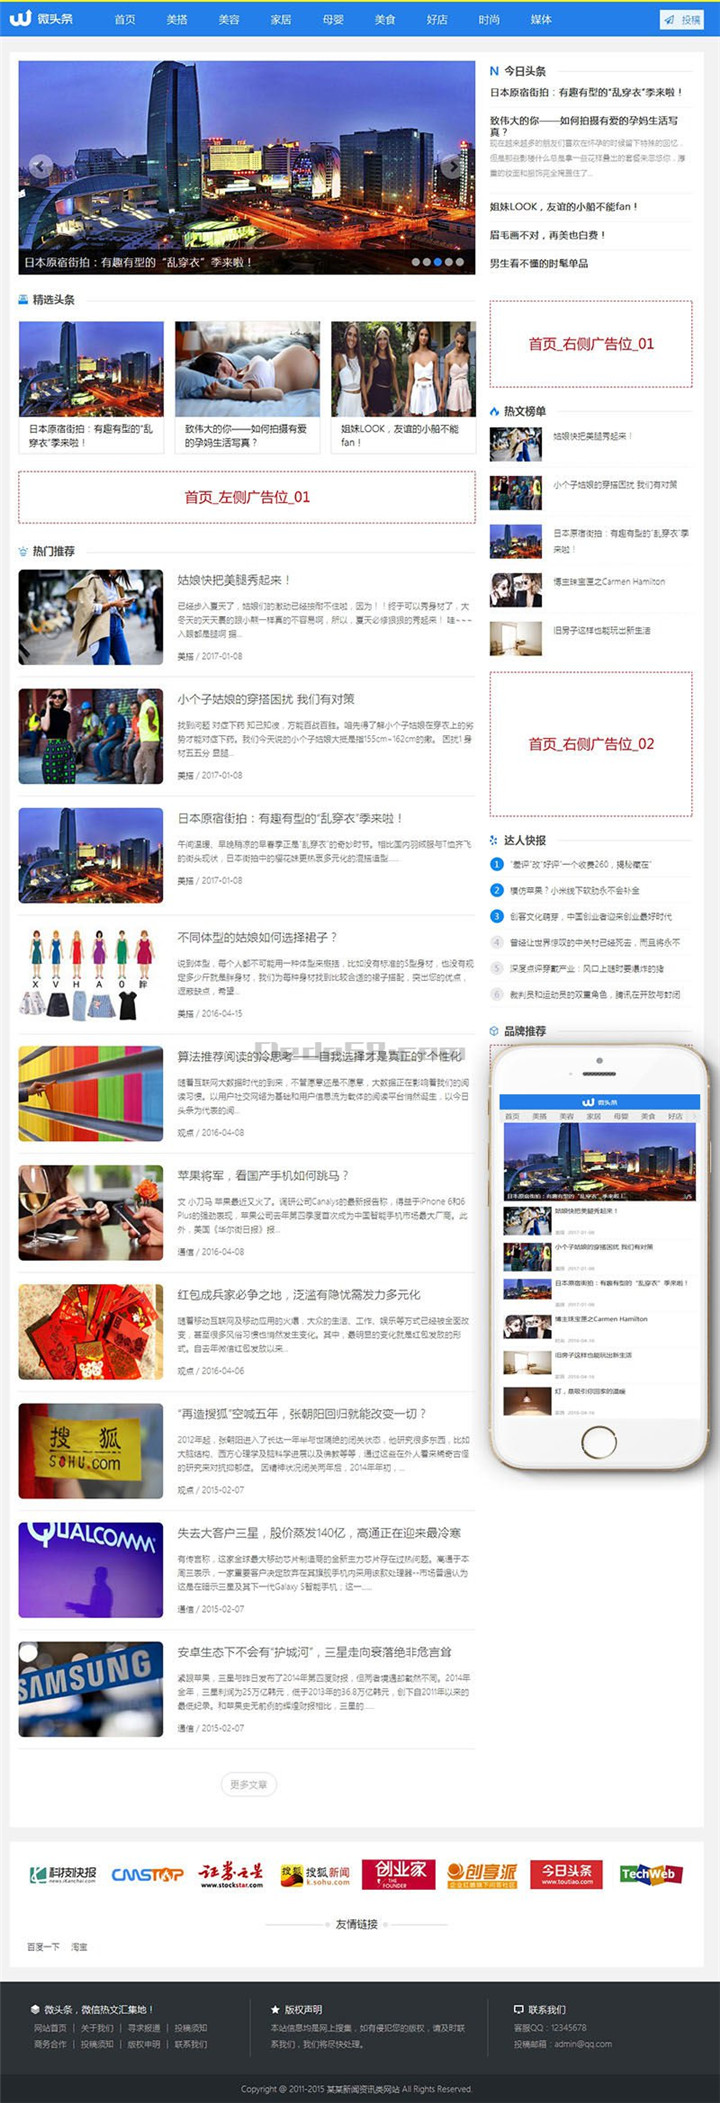 爱上源码网文章蓝色新闻博客自媒体头条网织梦模板(带手机端带投稿)营销型整站源码下载的内容插图